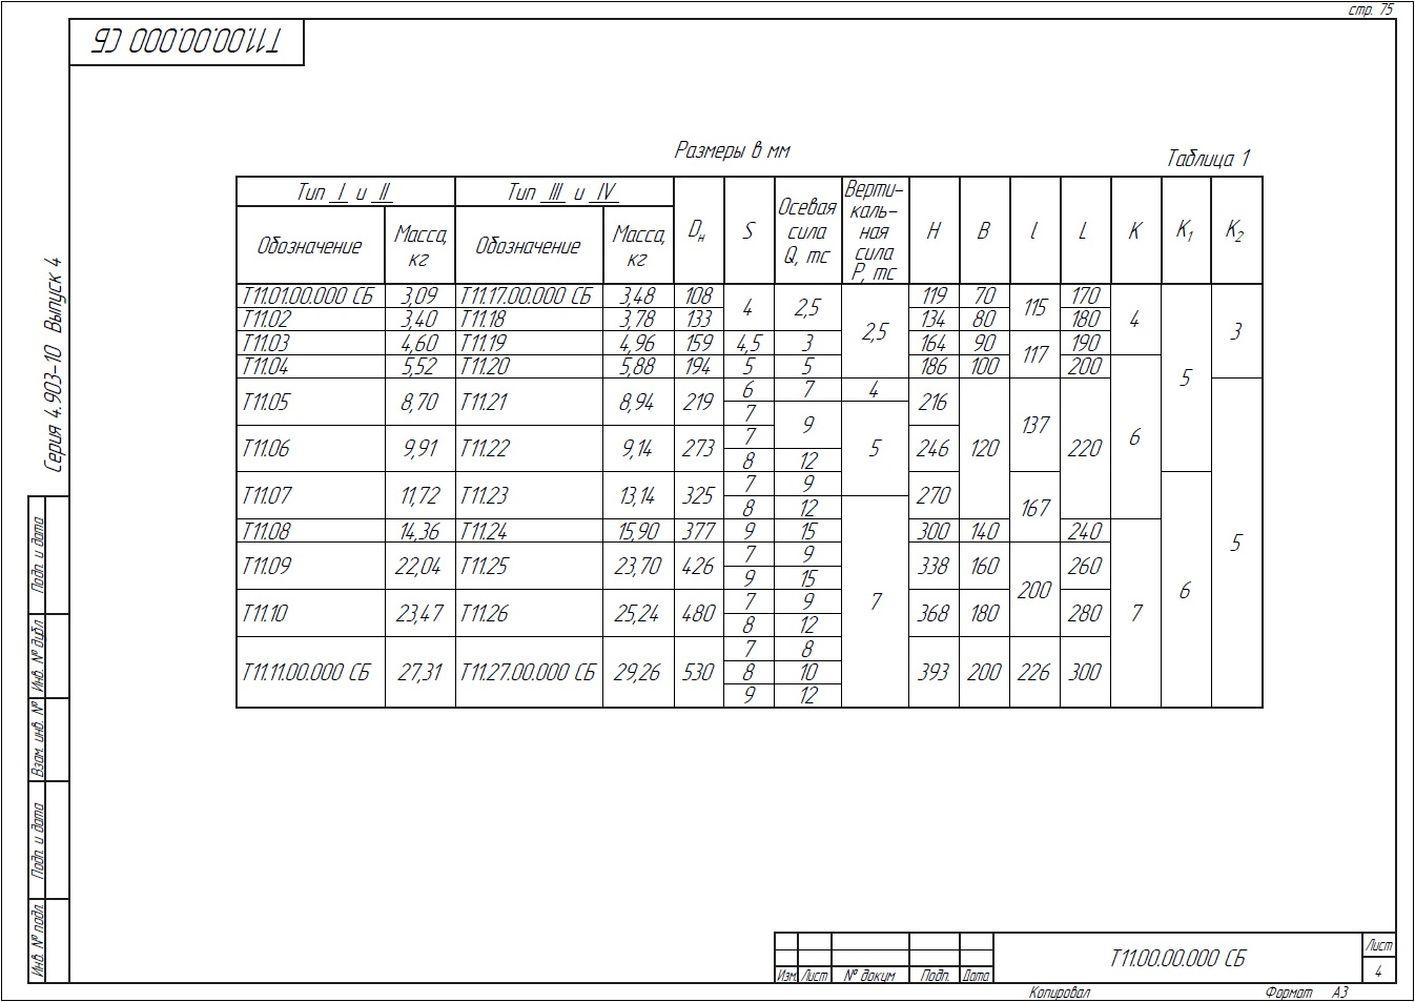 Опора неподвижная хомутовая бескорпусная Т11 серия 4.903-10 вып.4 стр.4